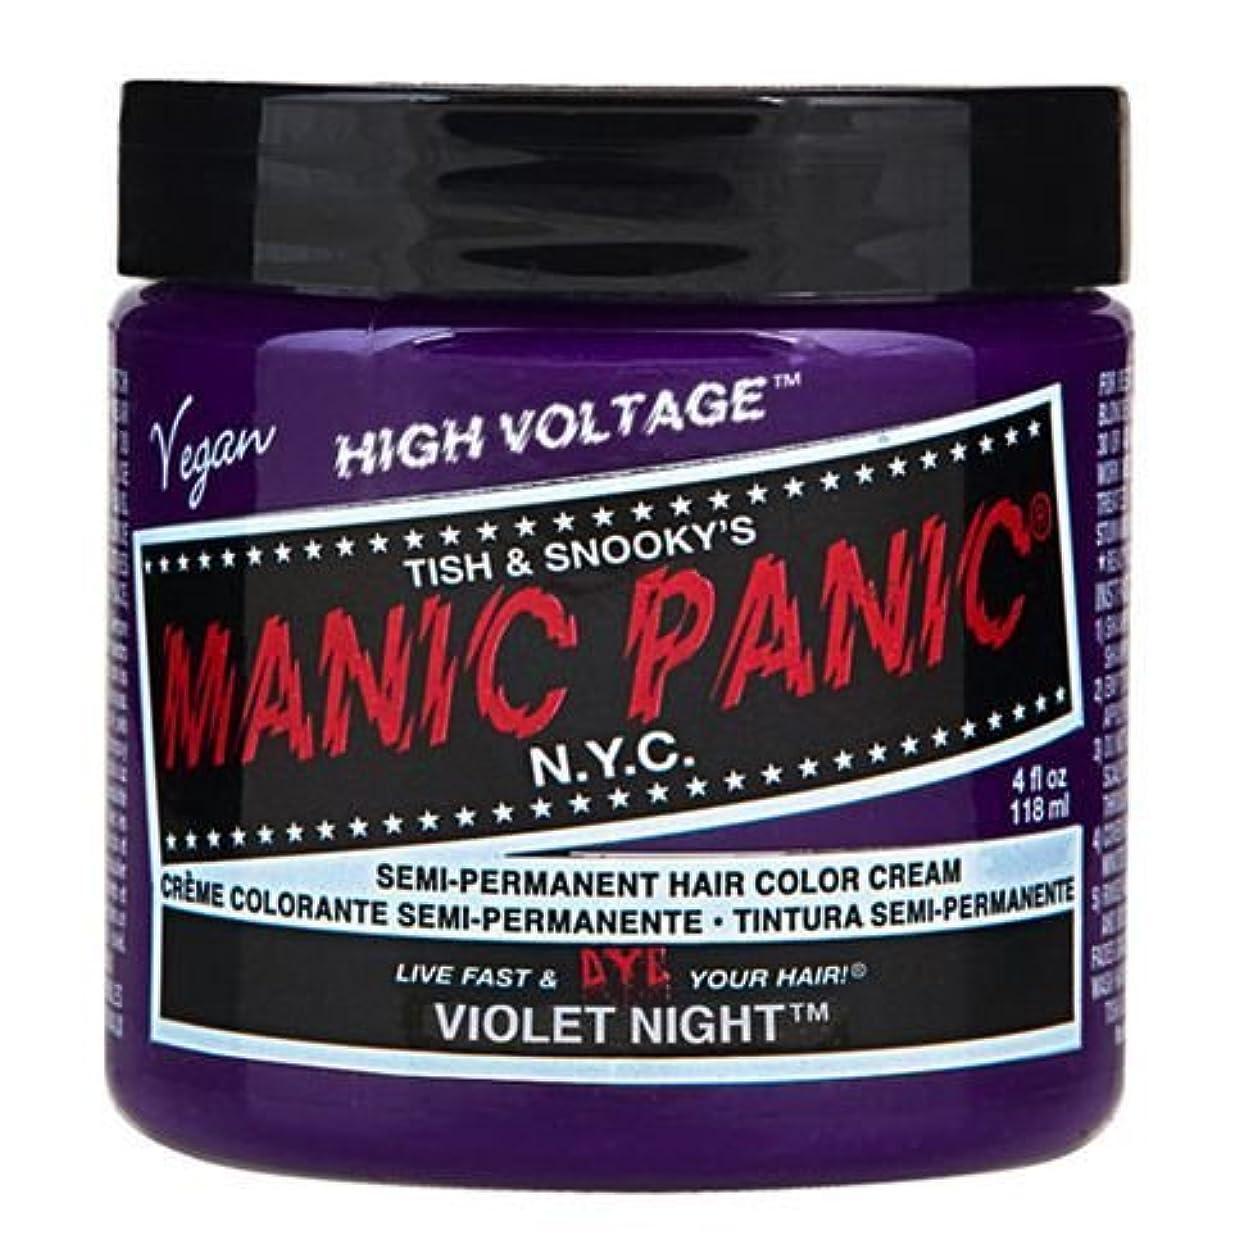 晩餐キャメル支給スペシャルセットMANIC PANICマニックパニック:Violet Night (ヴァイオレット?ナイト)+ヘアカラーケア4点セット